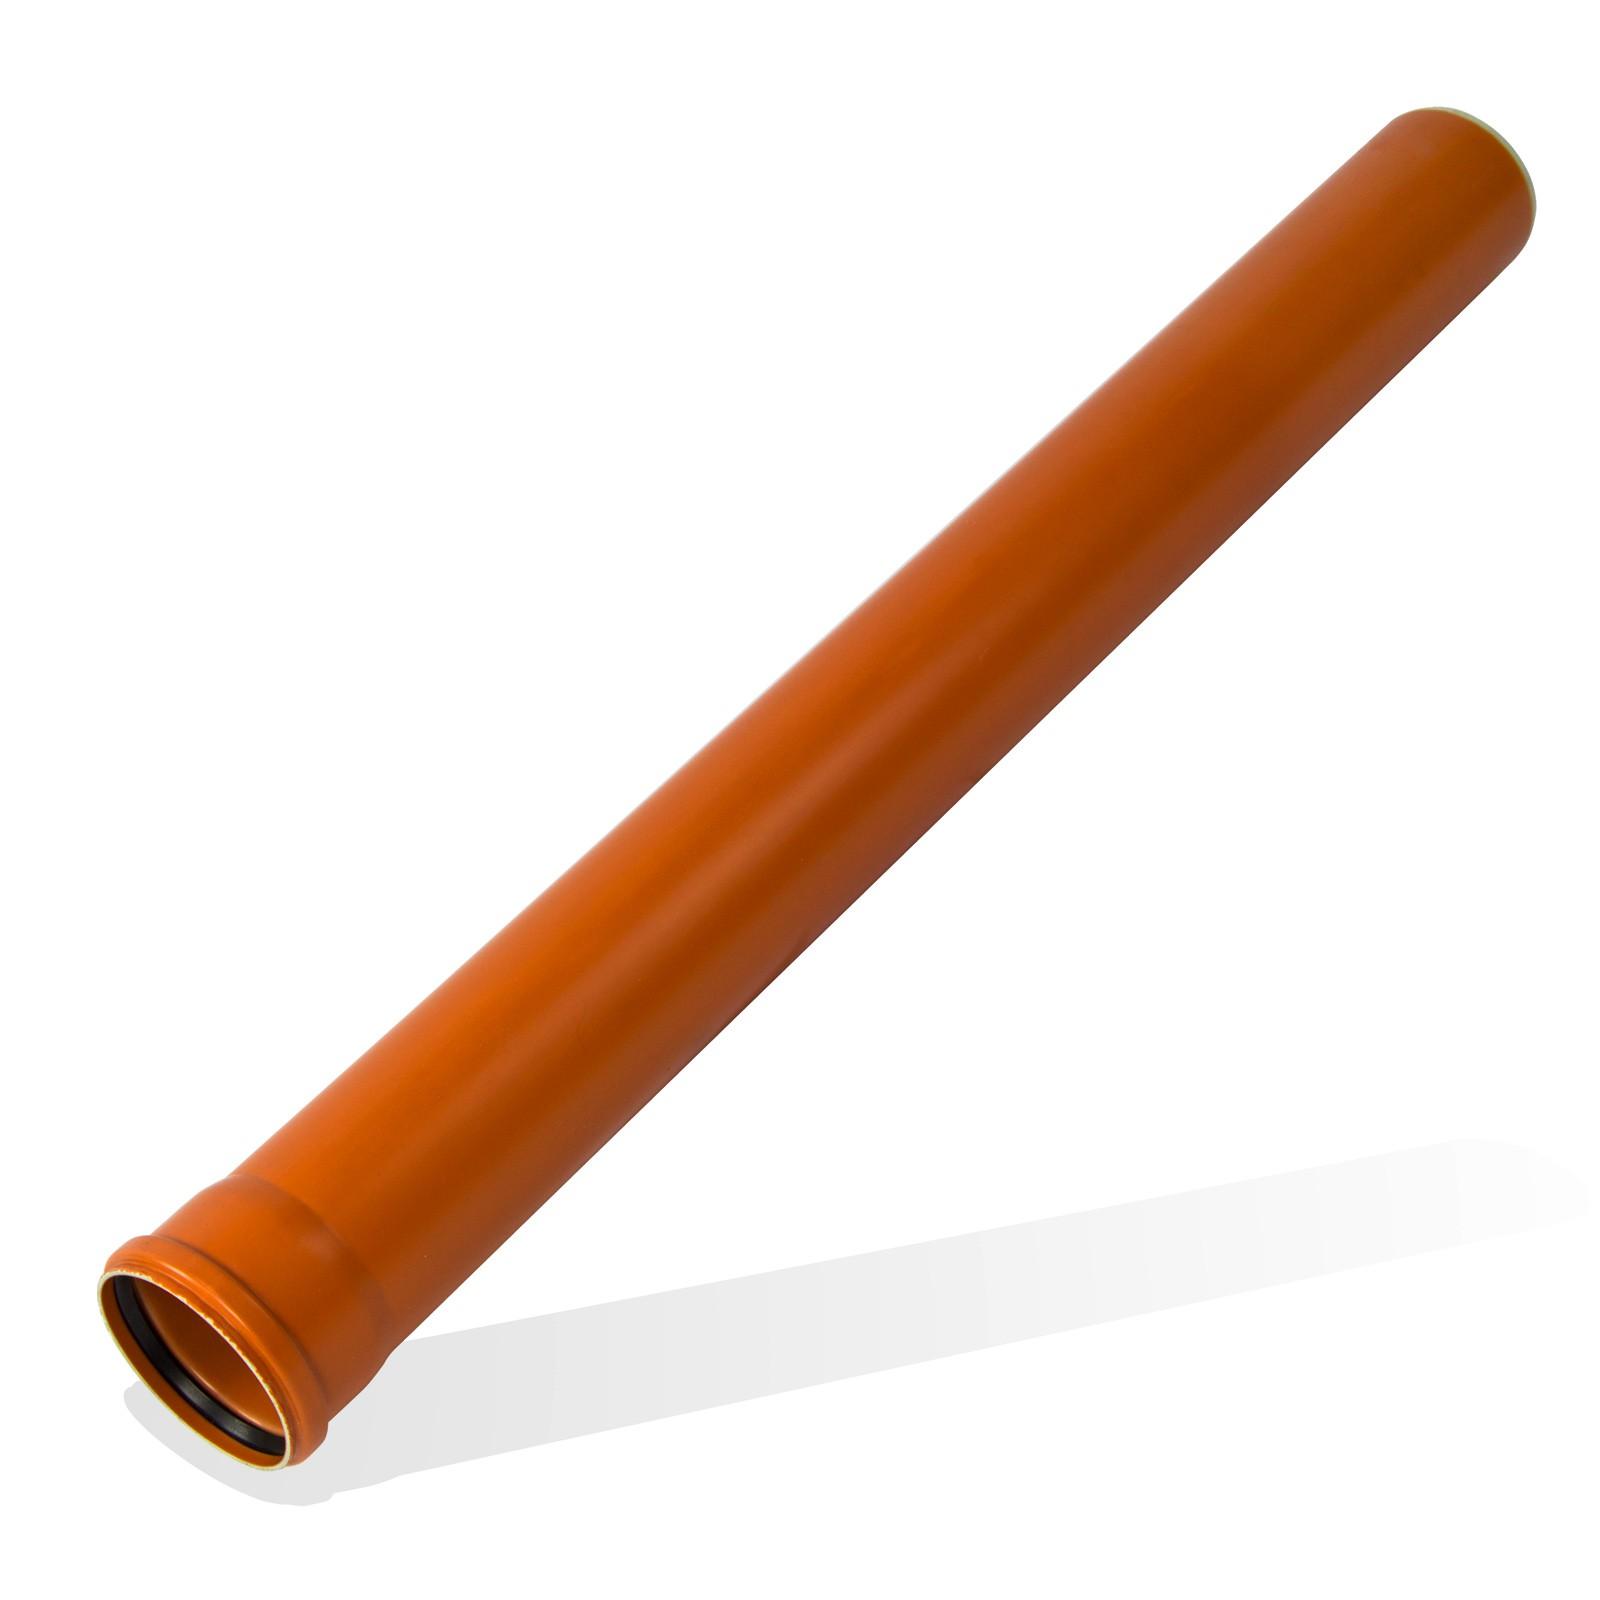 kg rohr dn 110 2000 mm abwasserrohr 100 mm kanalrohr orange. Black Bedroom Furniture Sets. Home Design Ideas